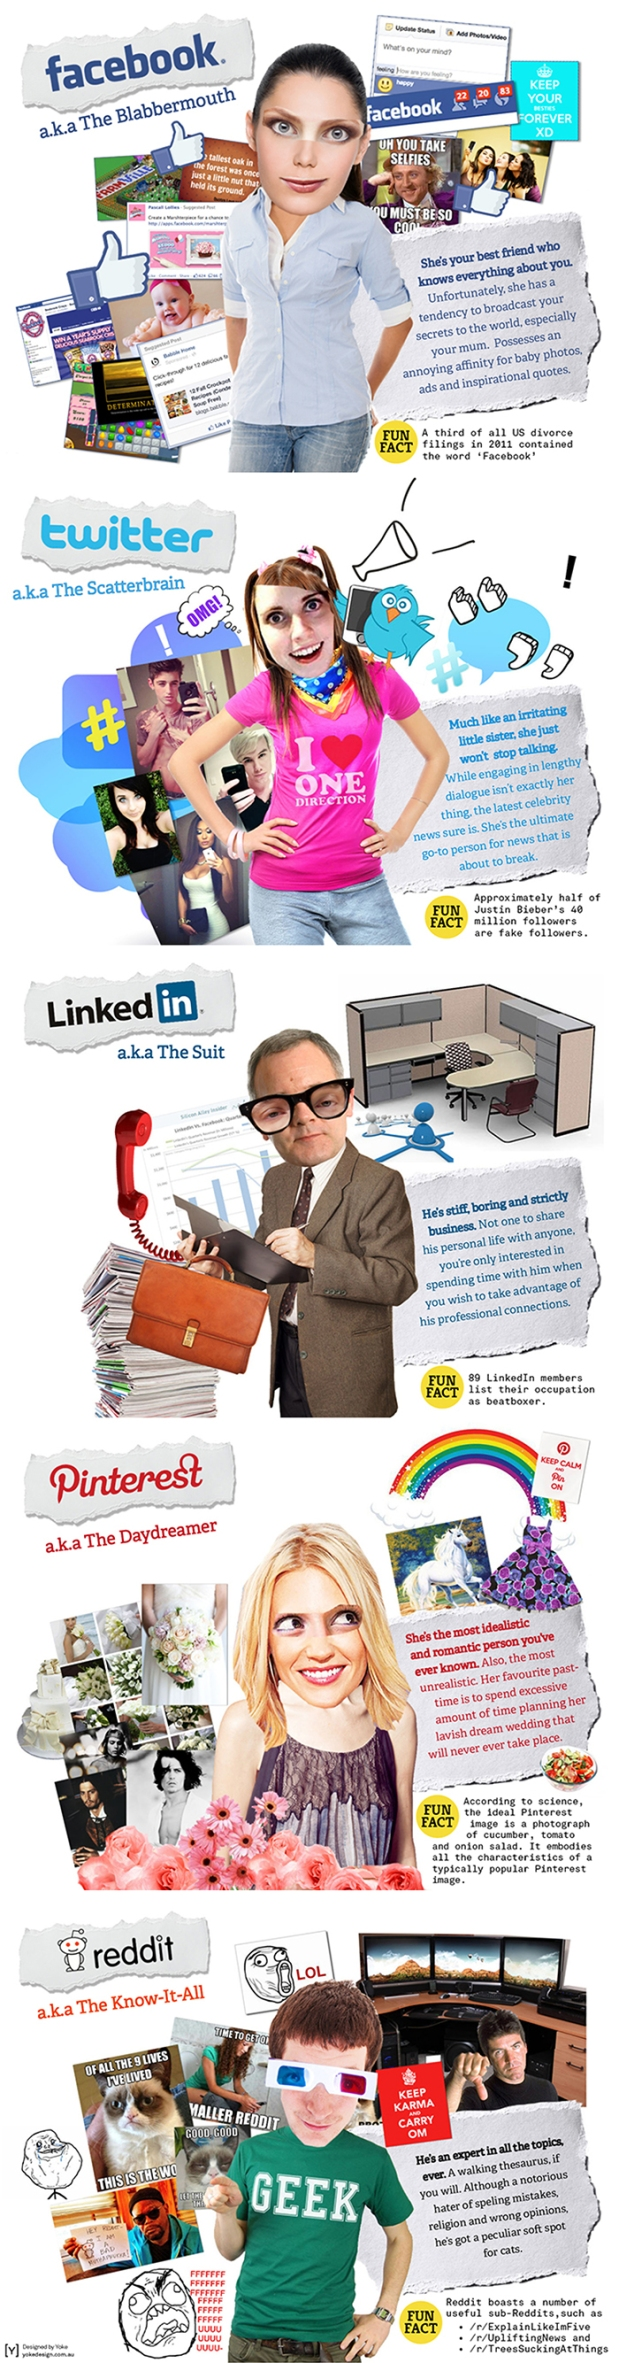 Social Media Platforms As Real People